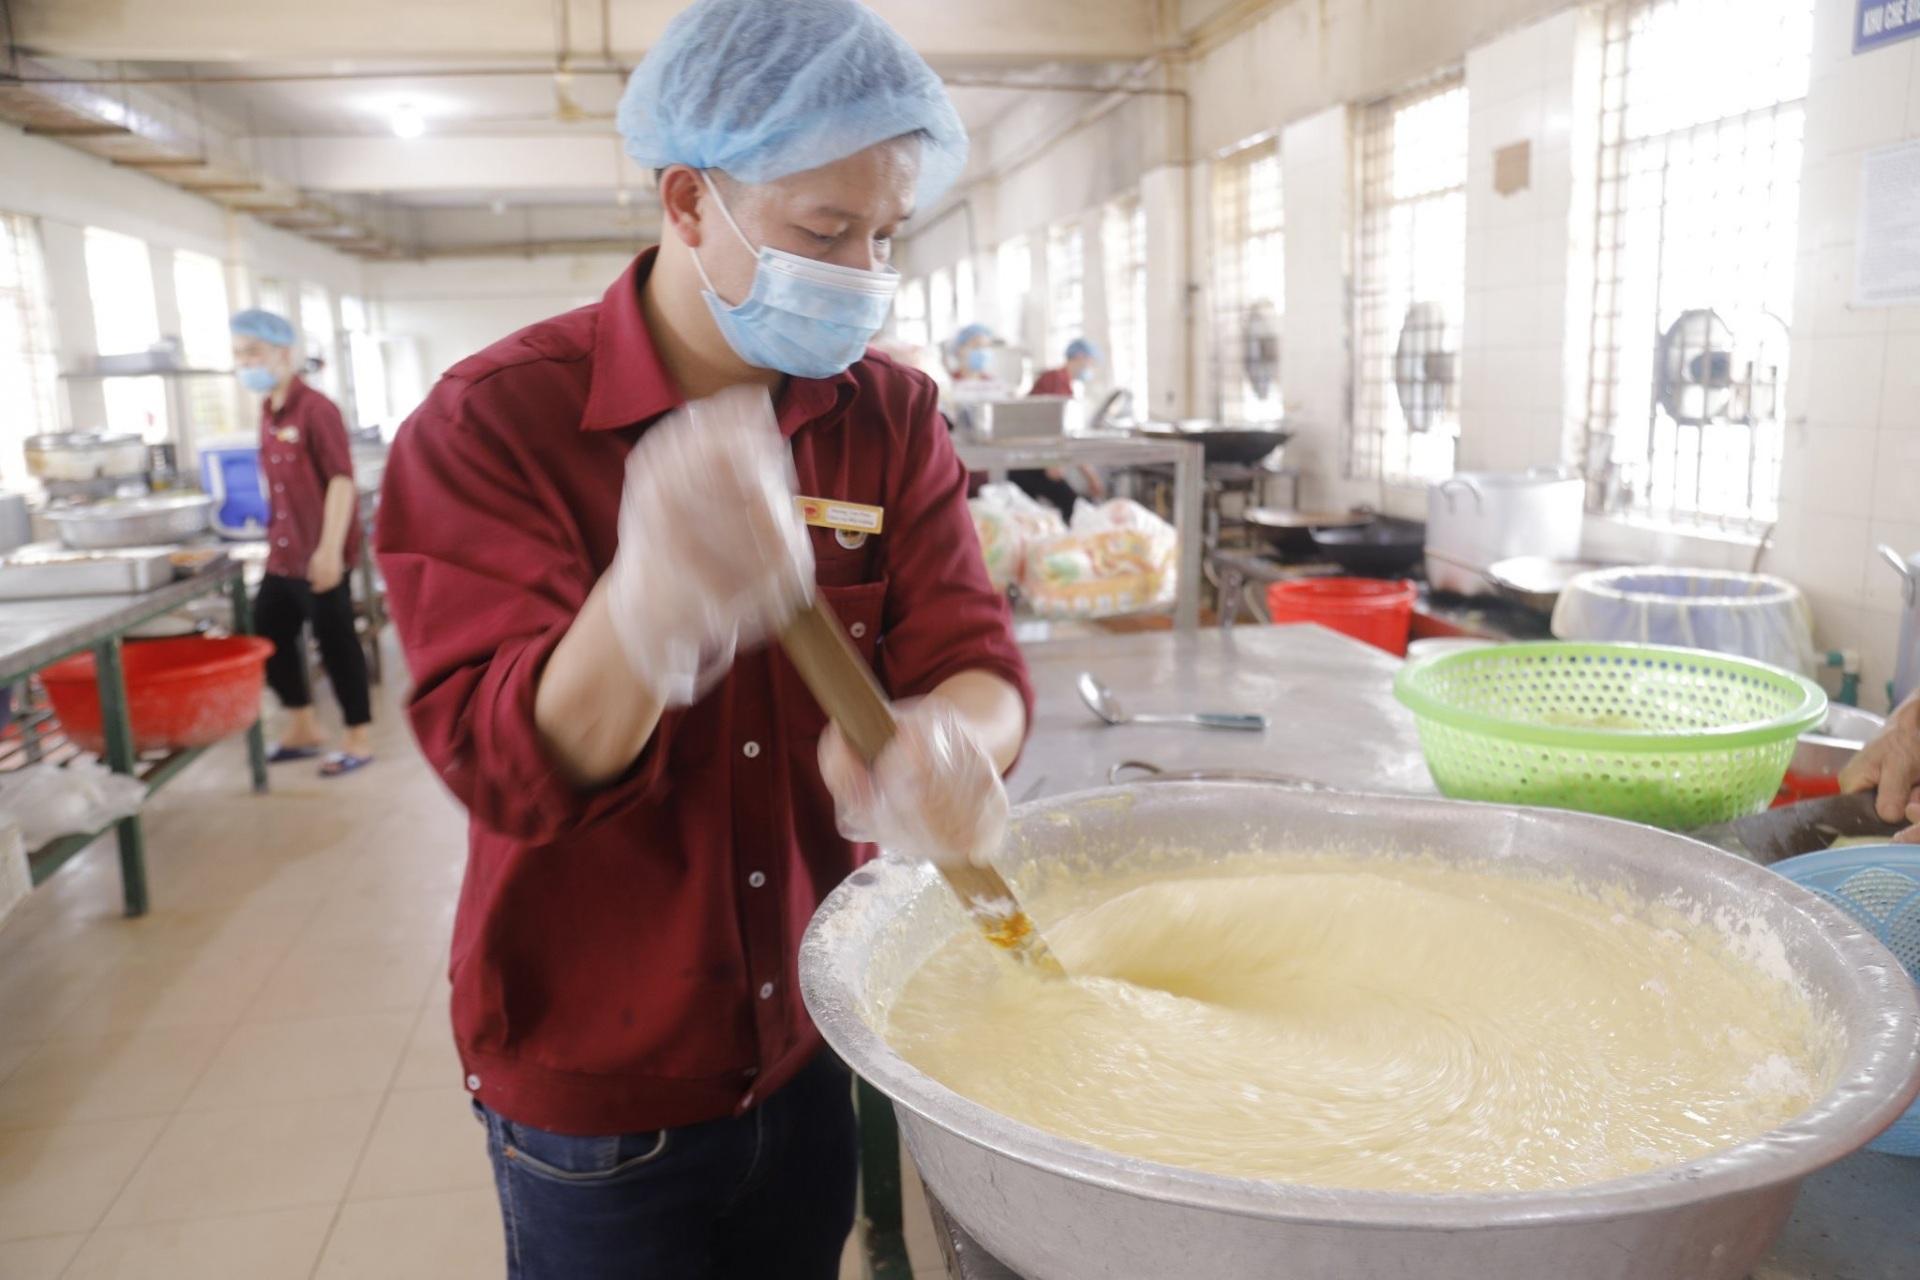 10.000 suất ăn được phục vụ mỗi ngày trong khu cách ly  Bệnh viện K - Ảnh 3.